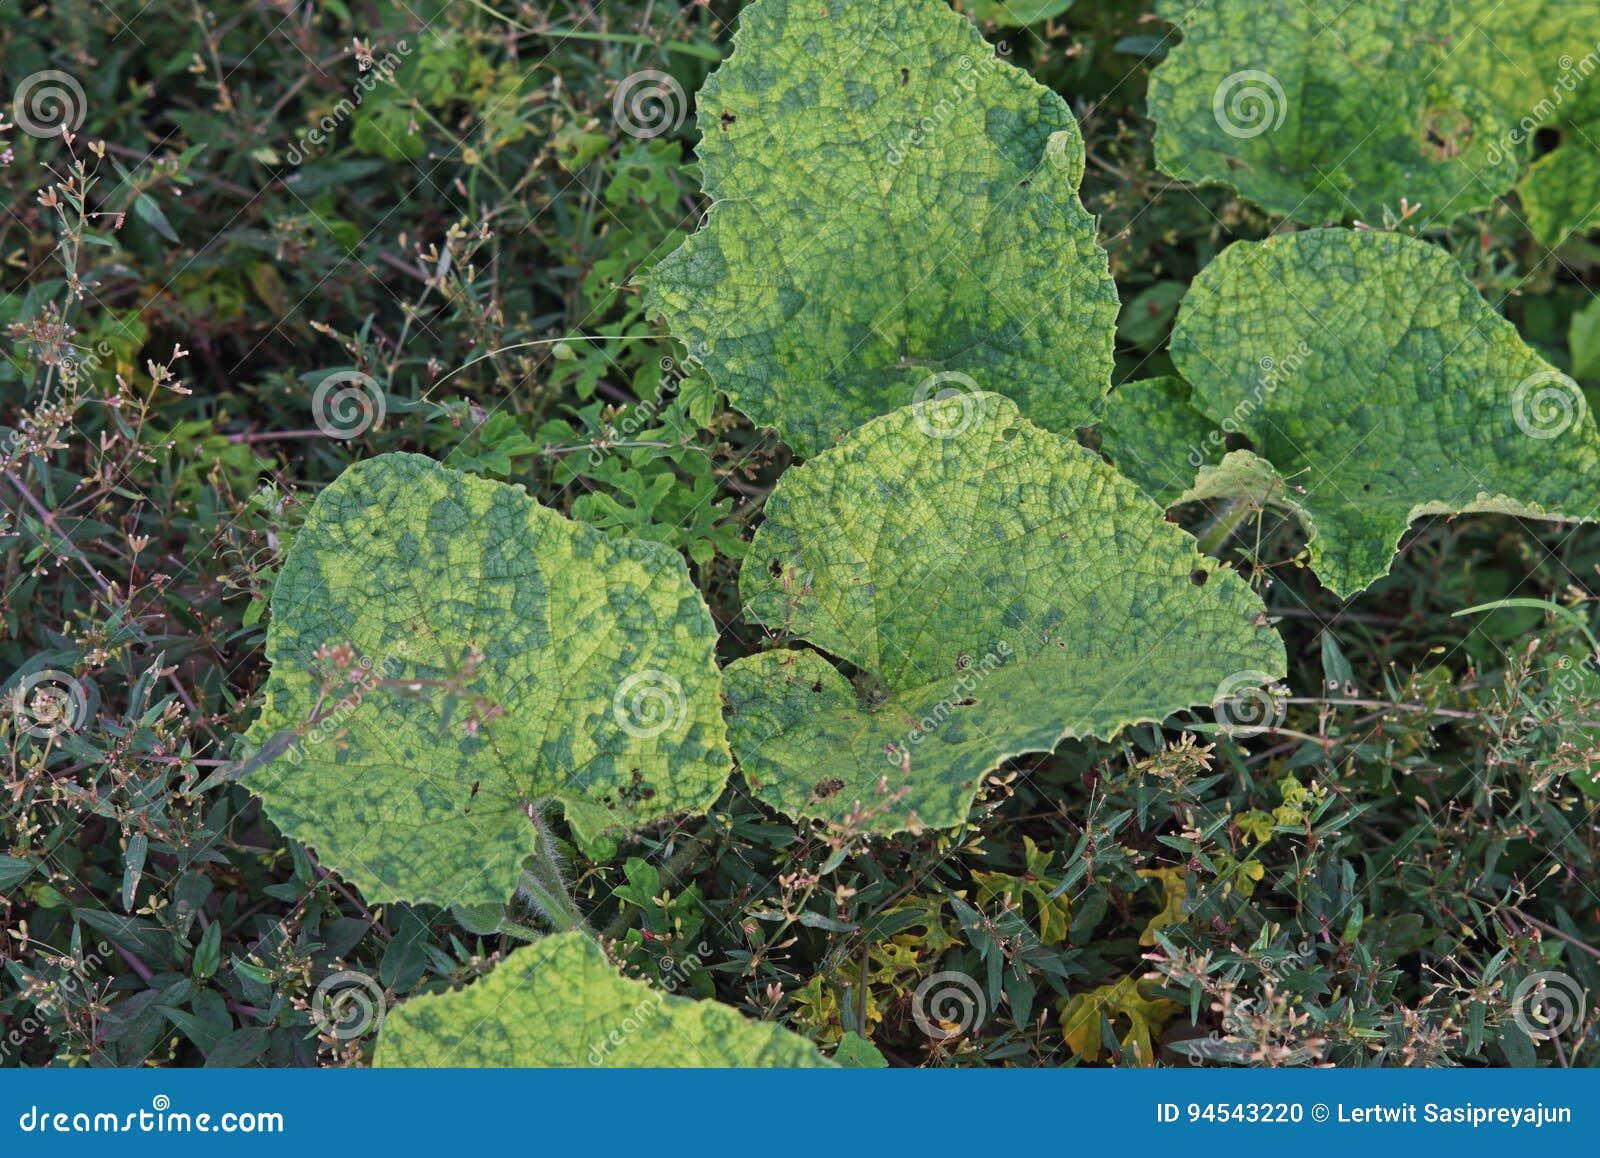 Enfermedad vegetal, enfermedad de virus en la familia del pepino